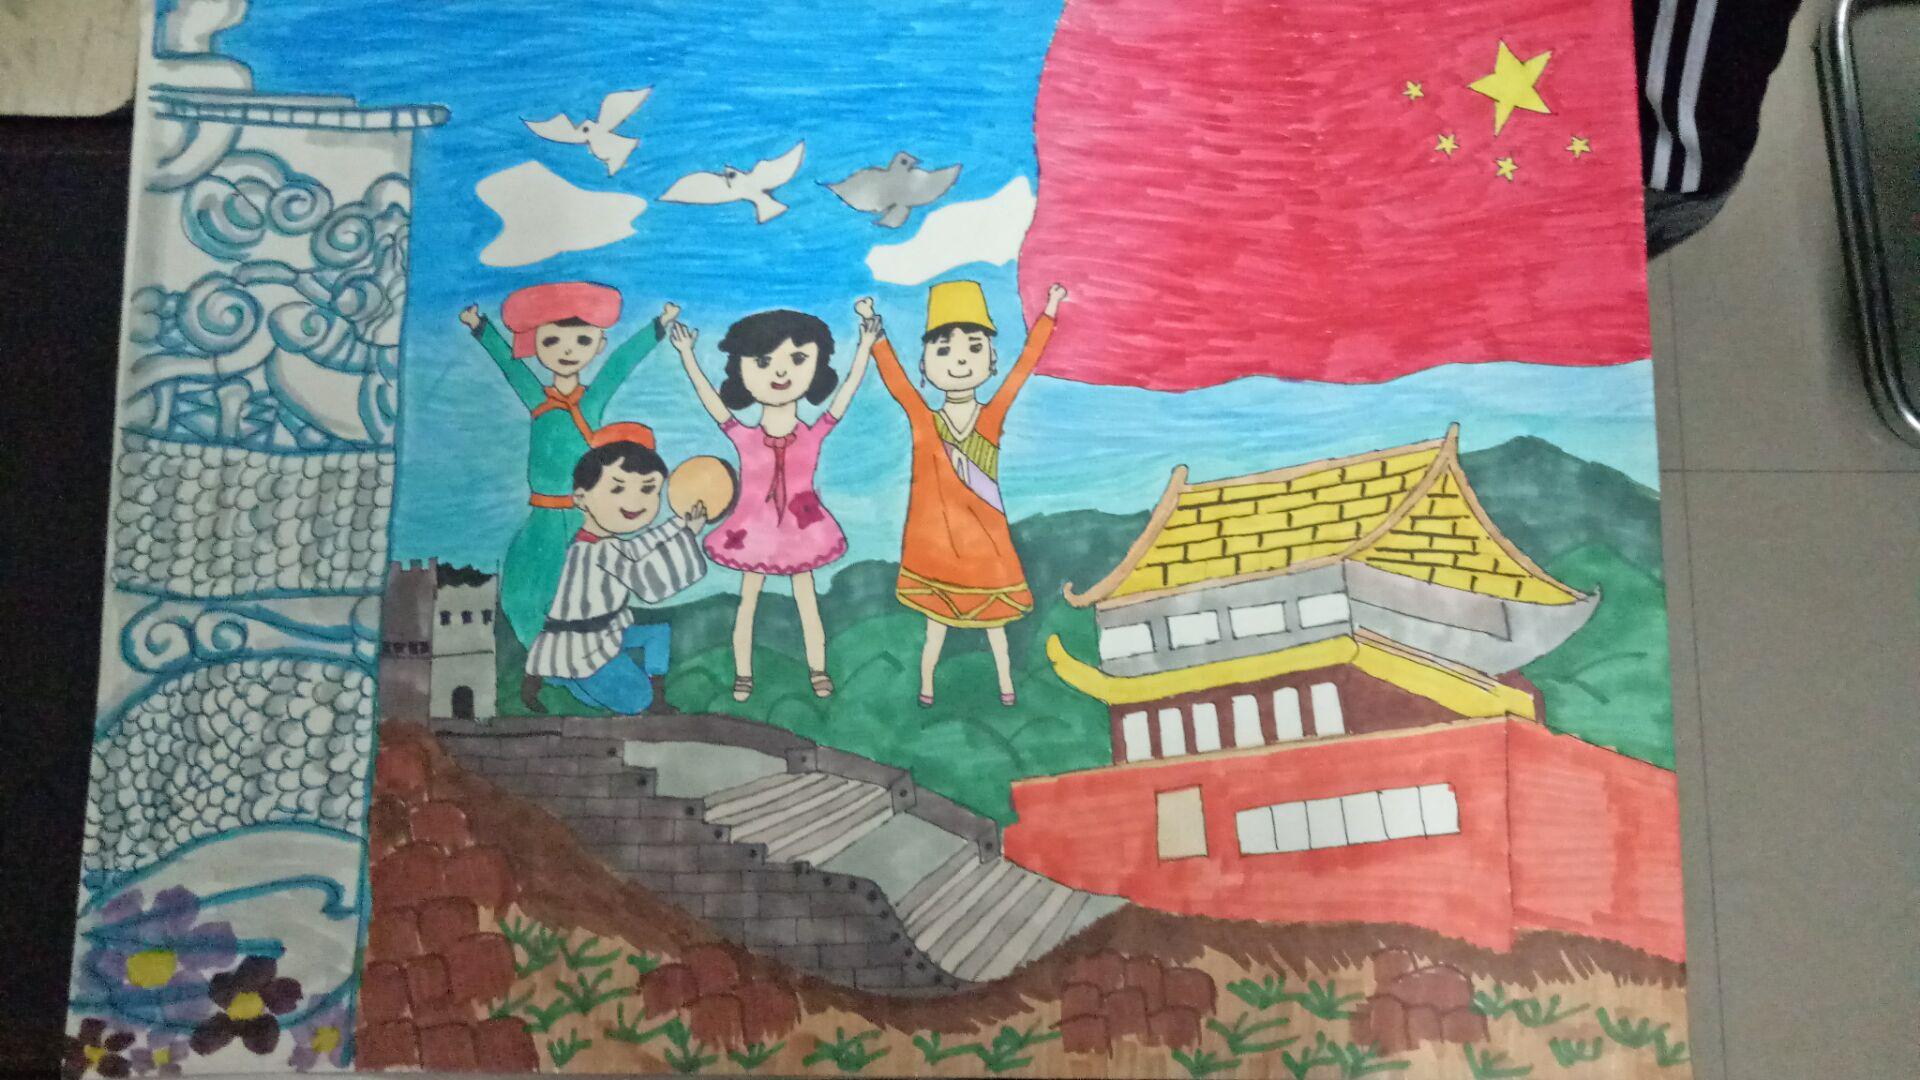 民族团结一家亲 青年路社区开展 民族团结一家亲 结对认亲活动